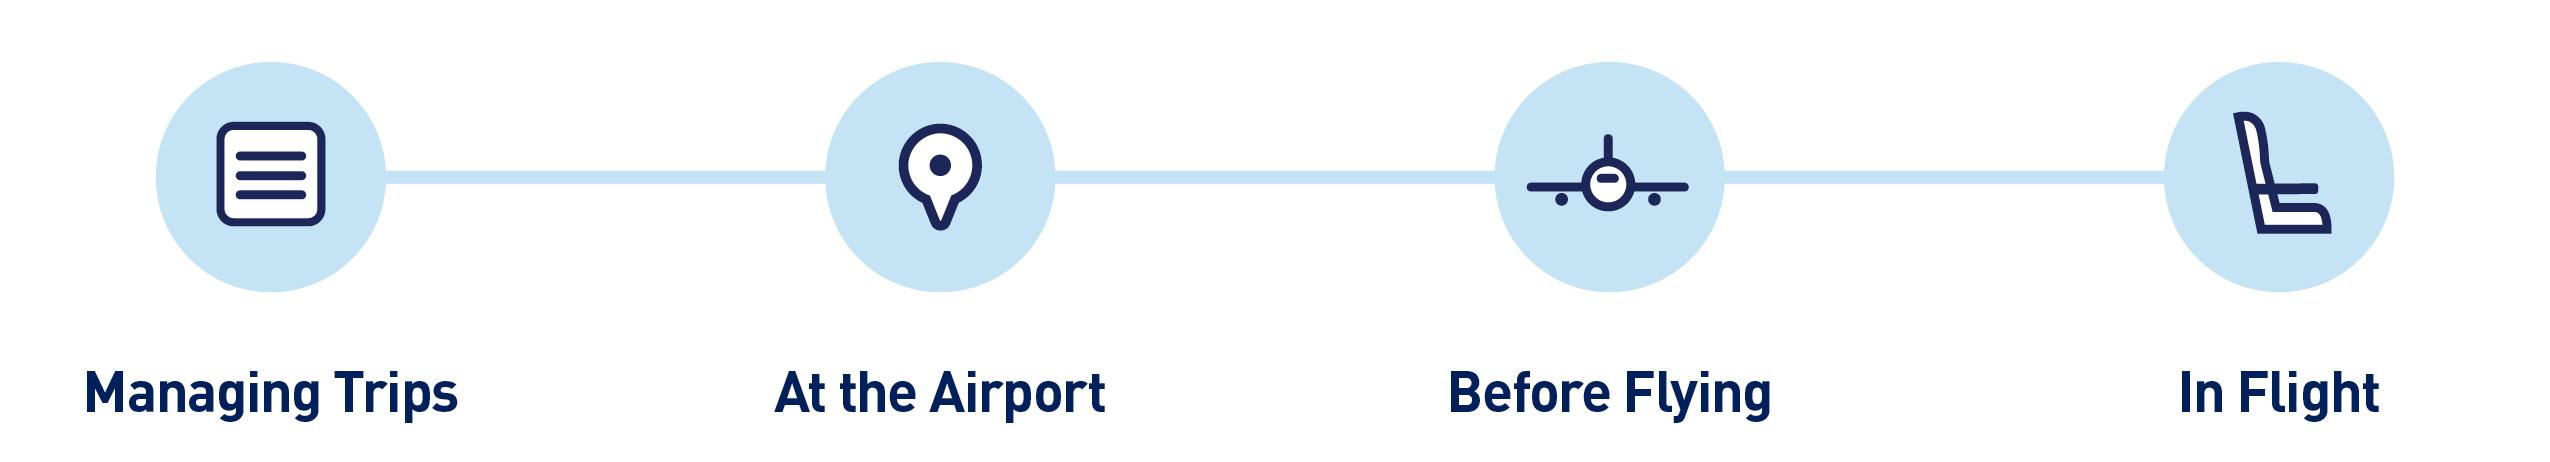 JetBlue Travel Ribbon